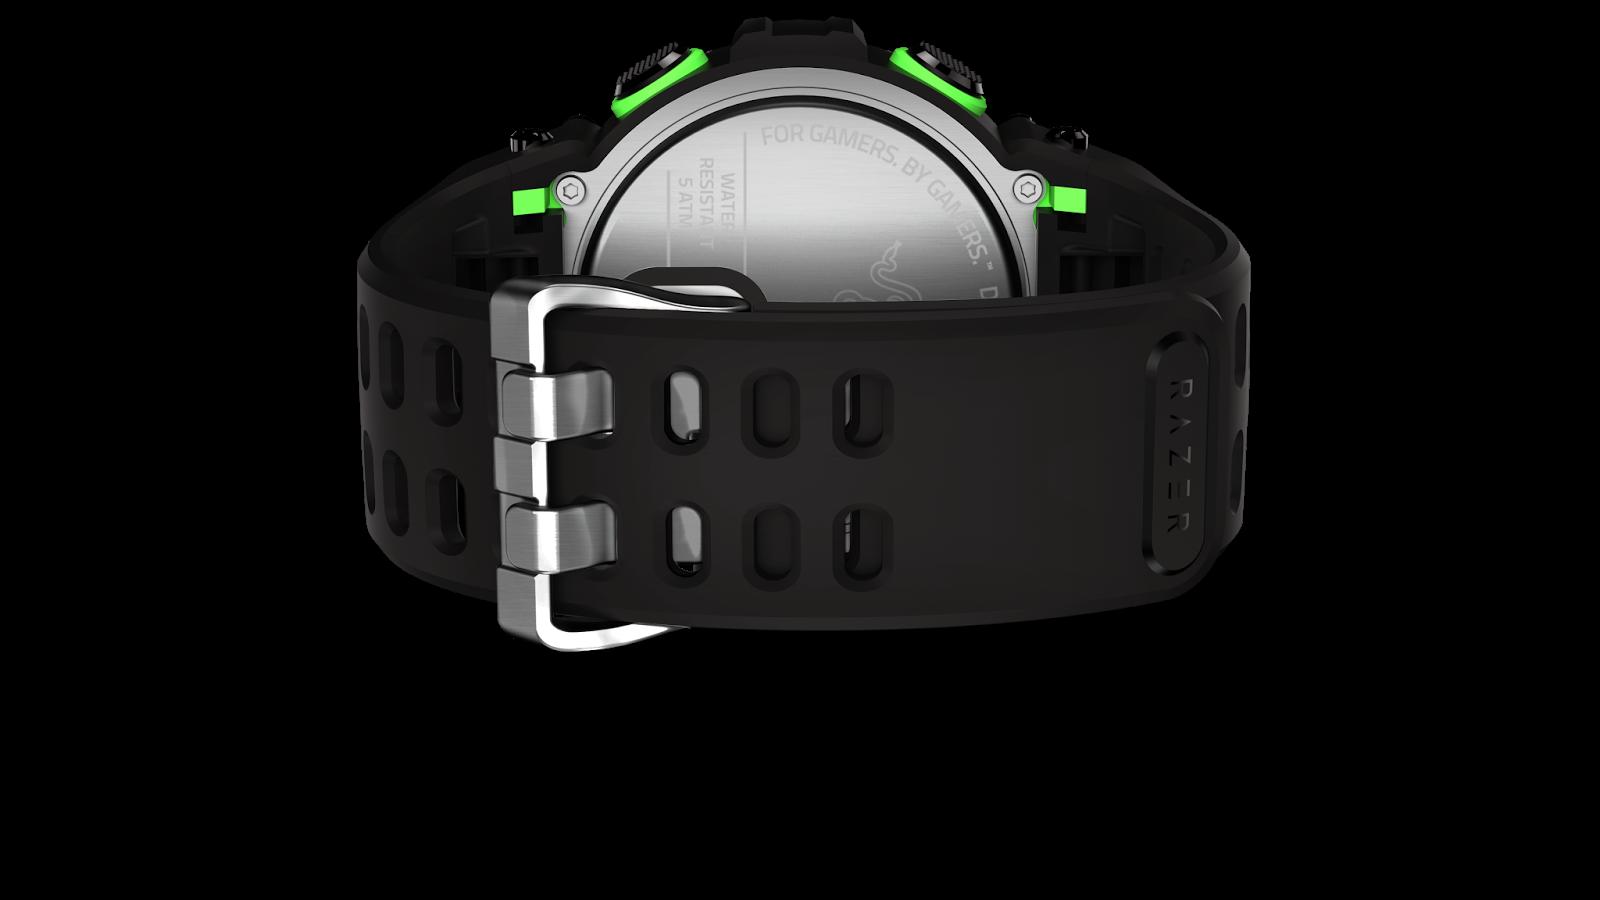 a65526ecf0e Razer anuncia relógio inteligente com 12 meses de duração de bateria ...